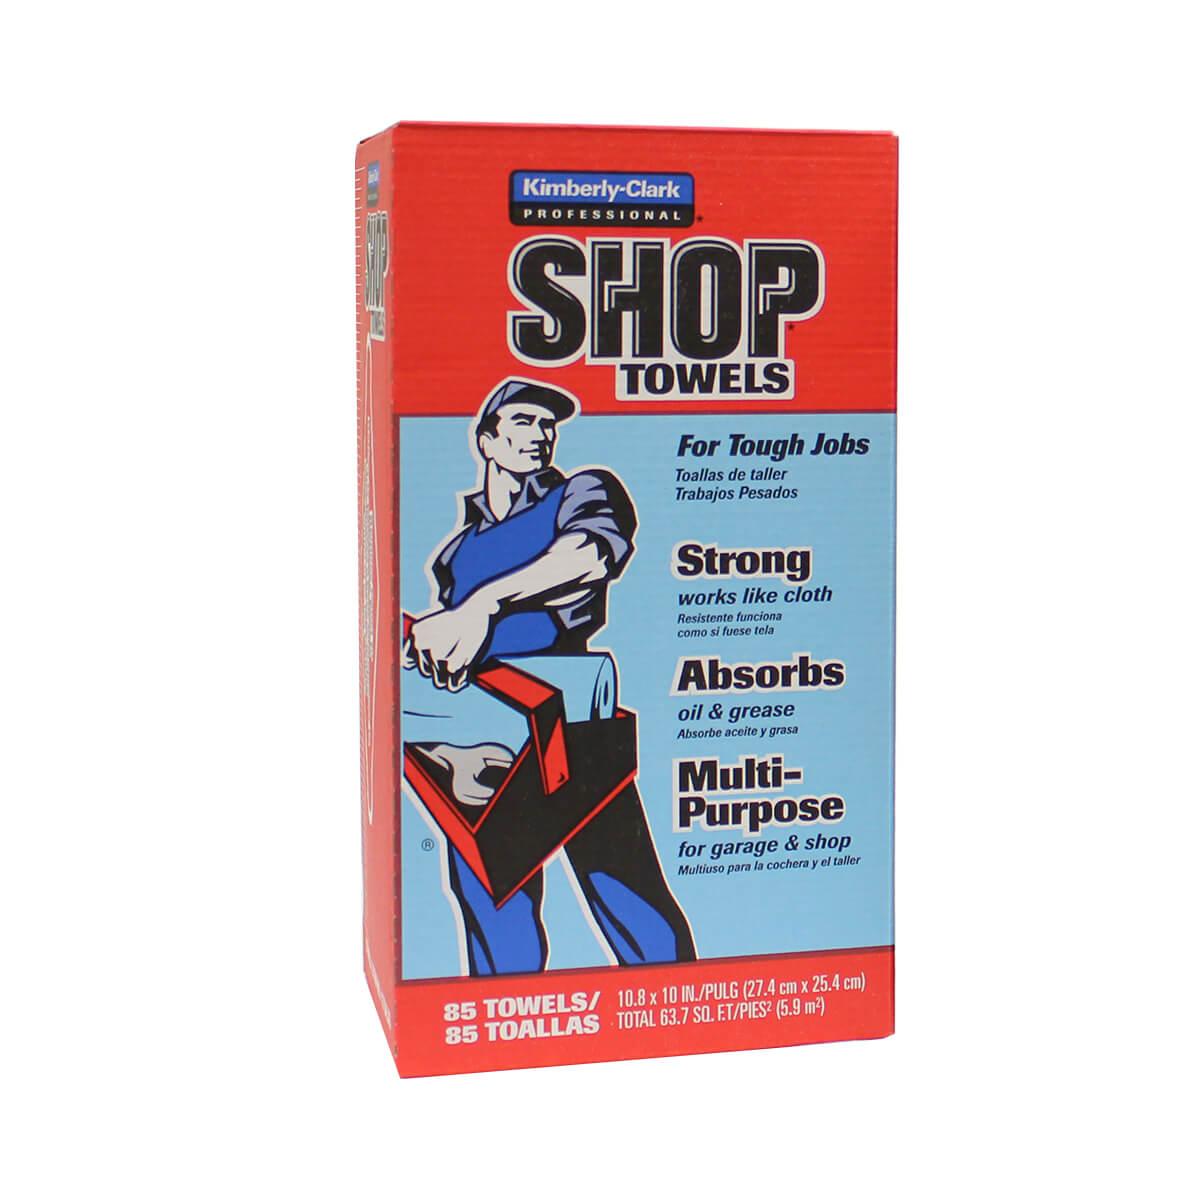 Shop Towels - Box of 85